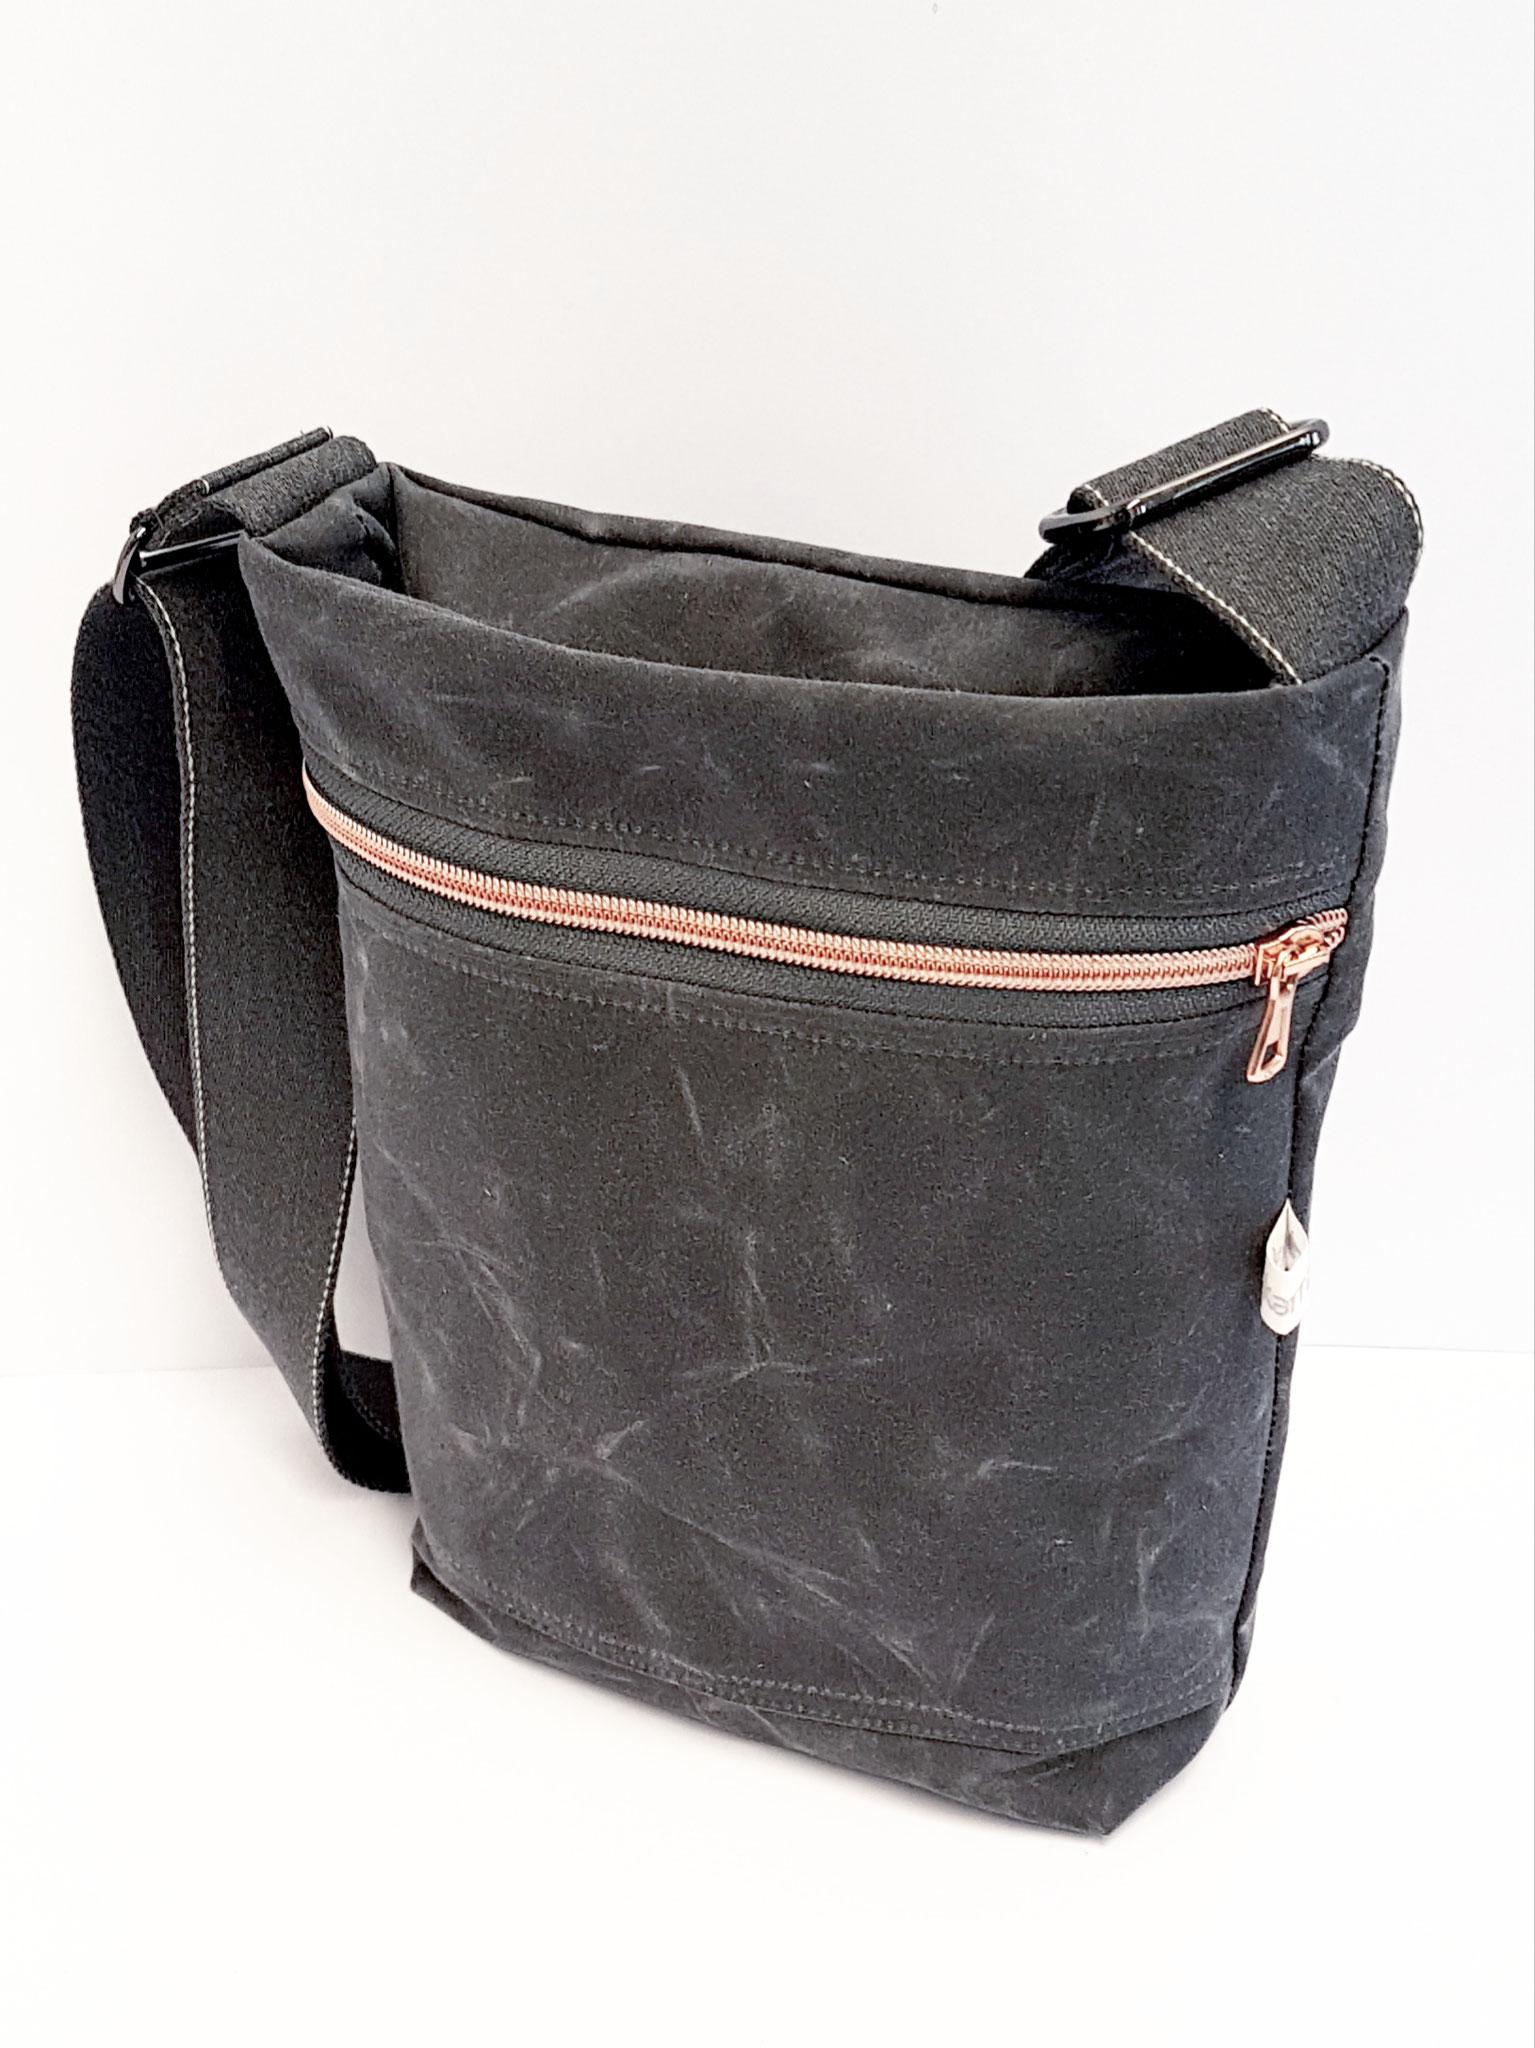 Tasche klein Oilskin grau, verkauft